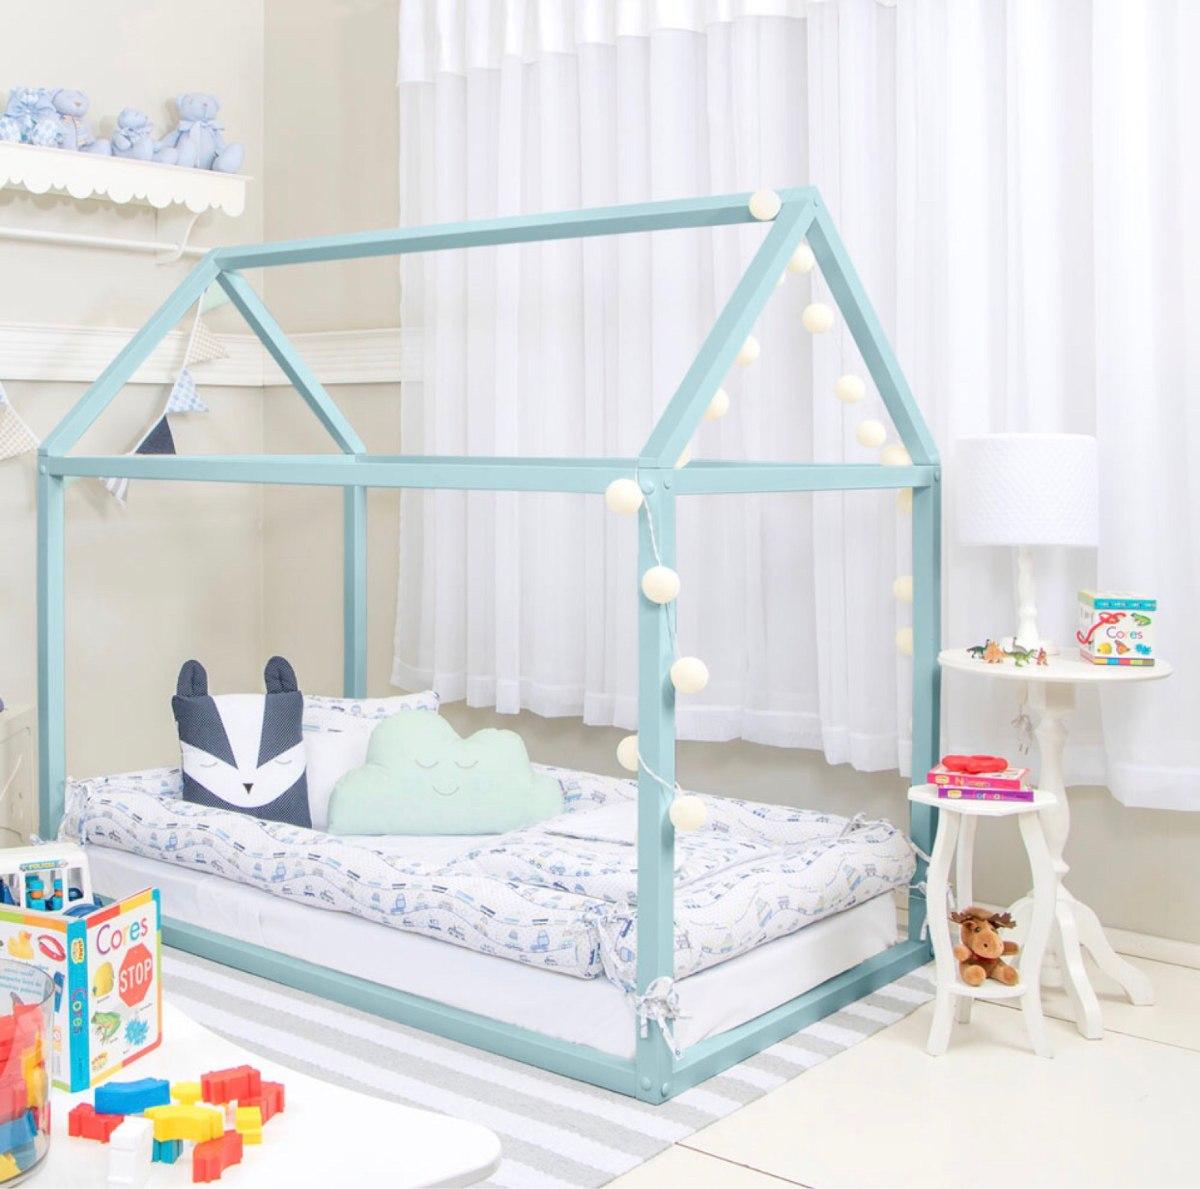 Ber o cama infantil branca em formato de casa r 750 00 for Camas en forma de casa